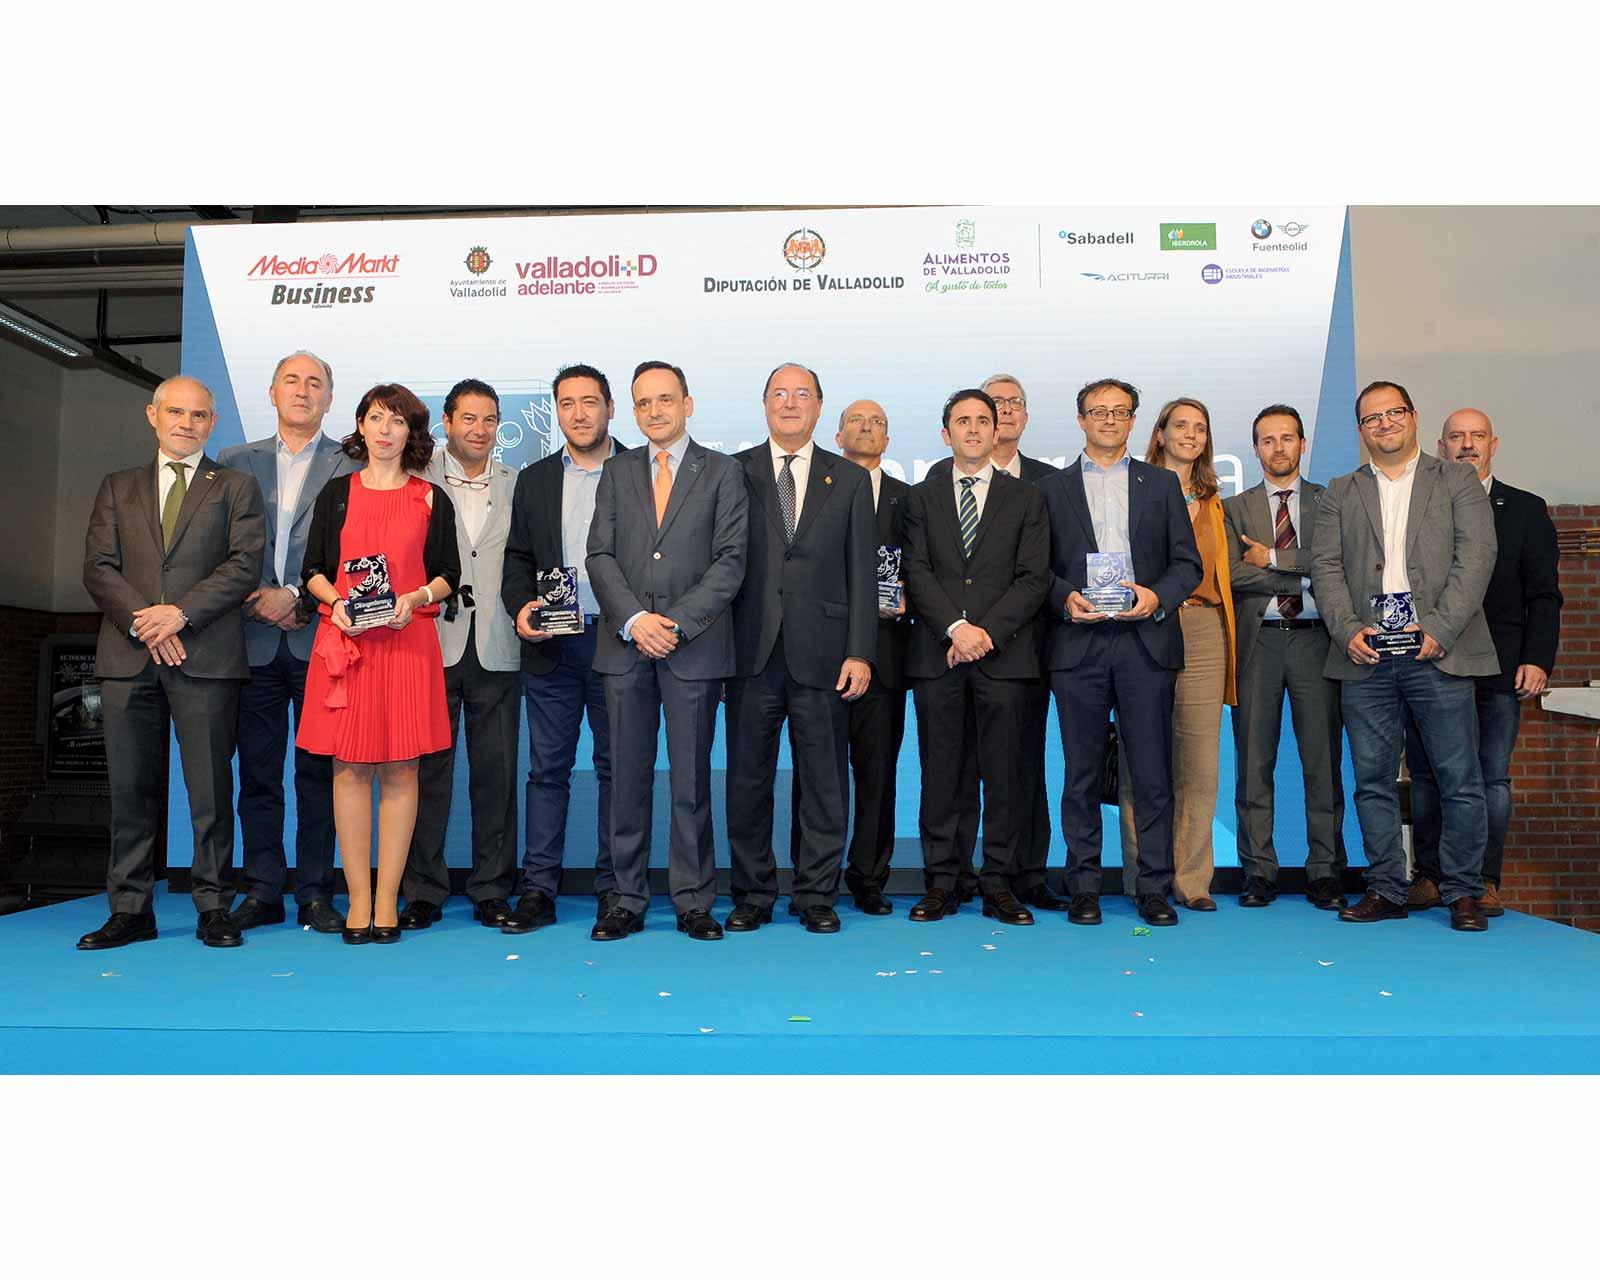 Foto-de-familia-de-ganadores,-jurado-y-patrocinadores